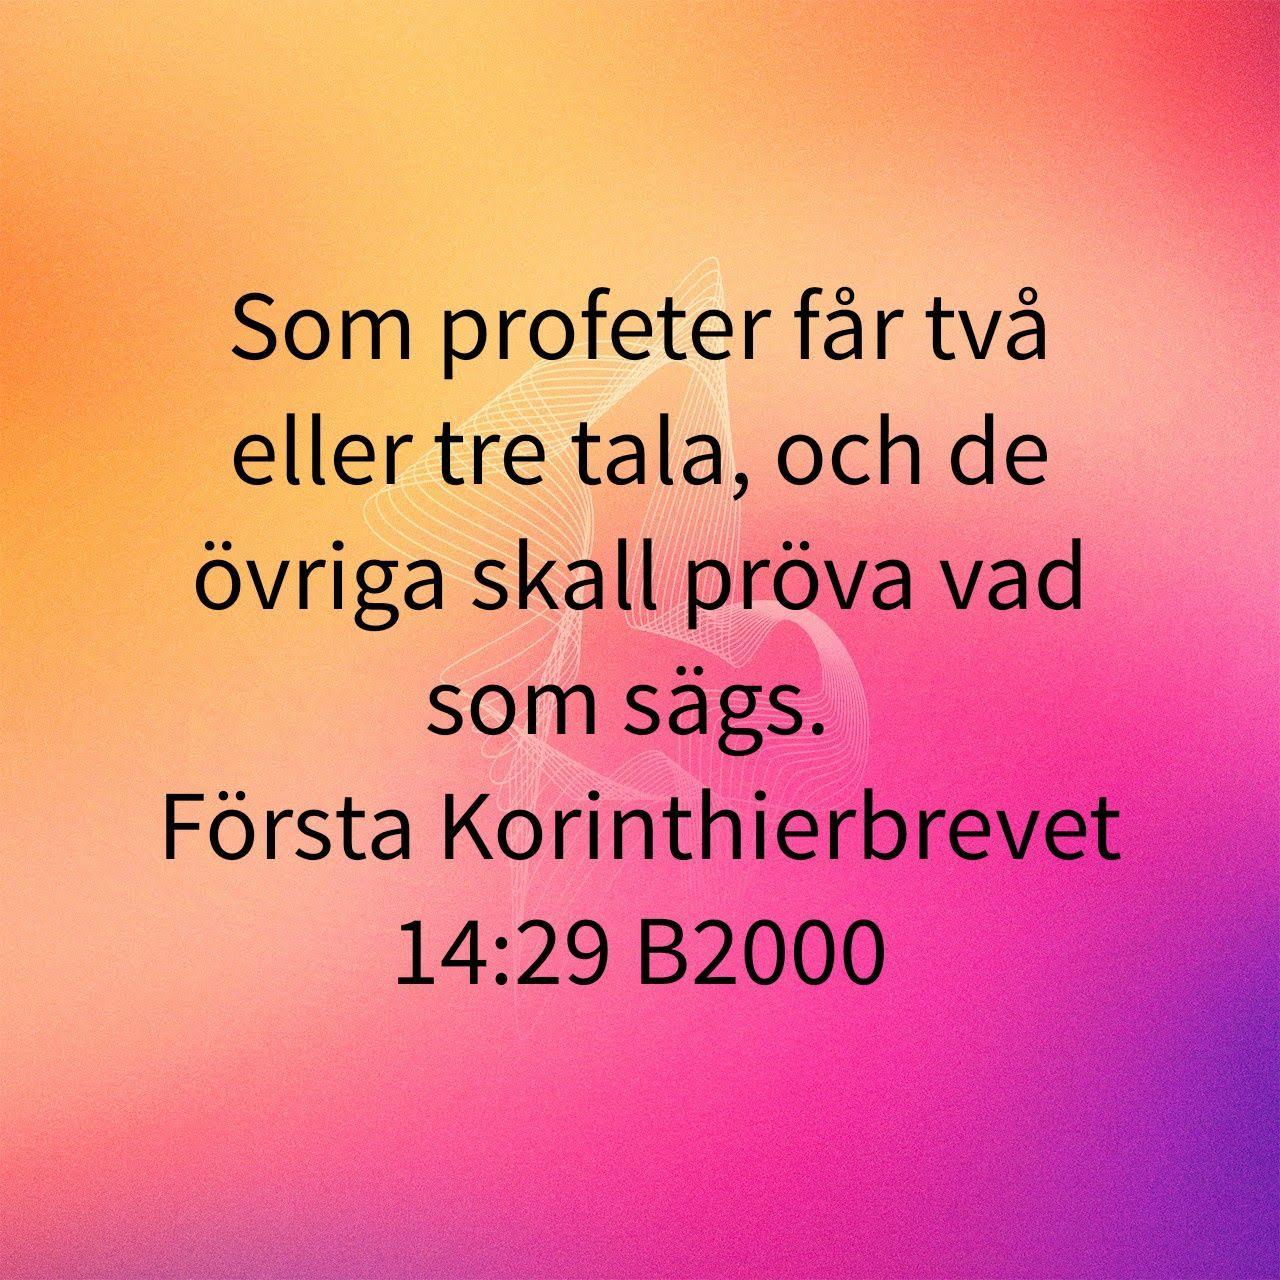 Som profeter får två eller tre tala, och de övriga ska pröva vad som sägs. (Första Korinthierbrevet 14:29)